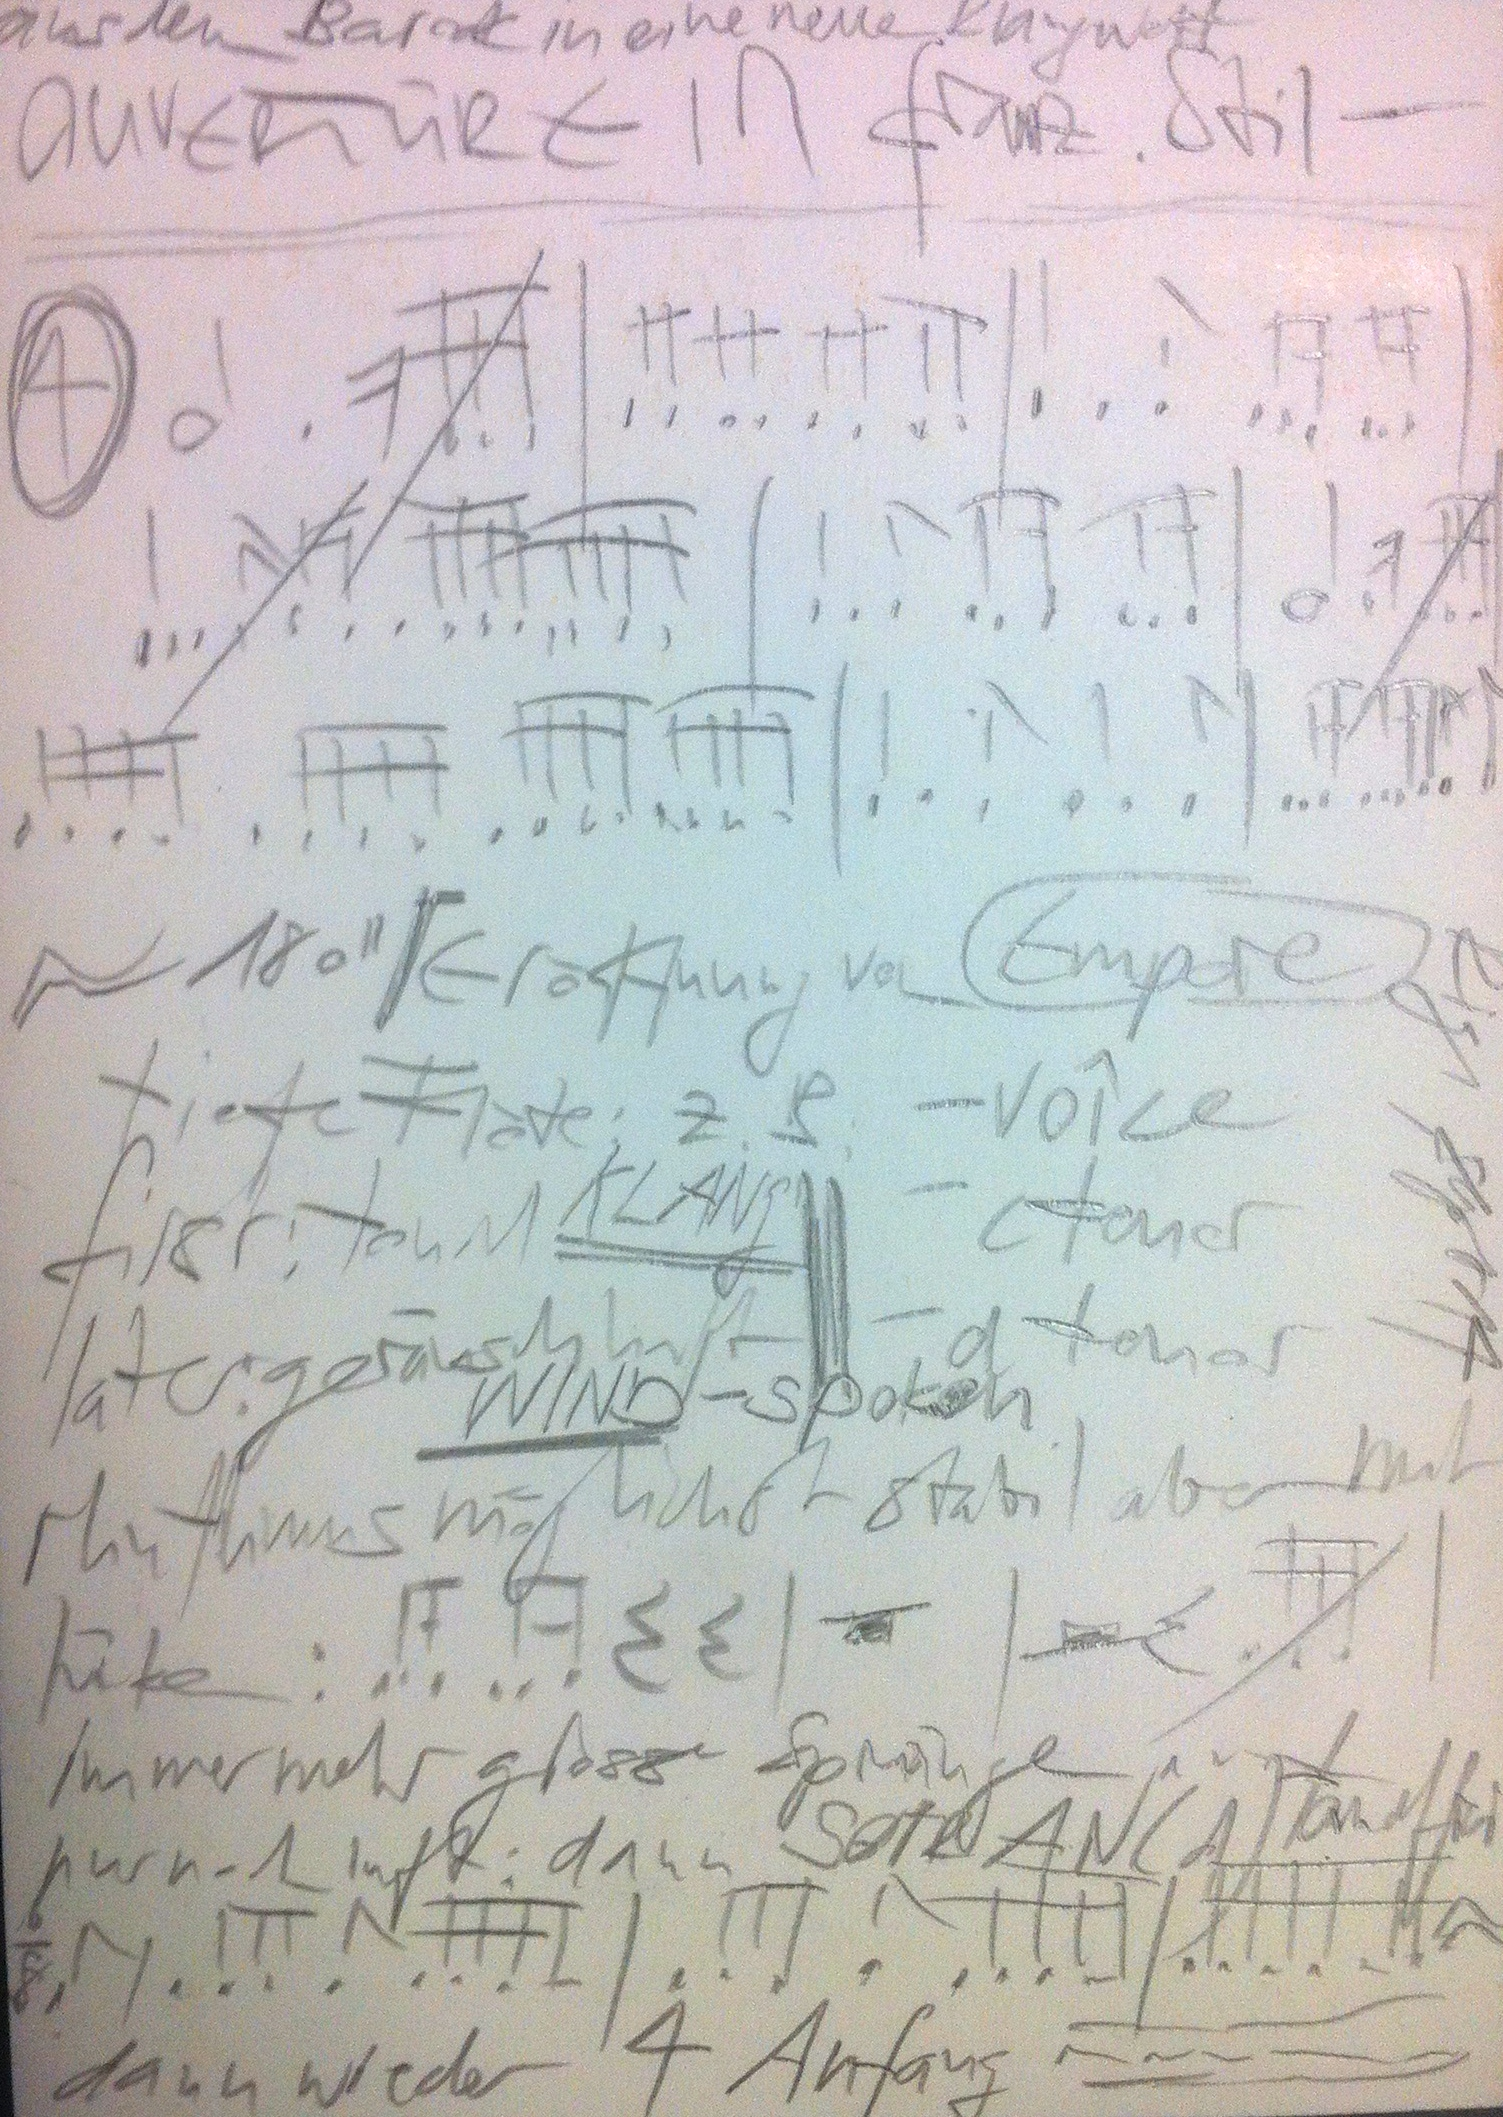 improvisations-konzept - hier zu lesen - zu hören auf der rigi am 21. september 14